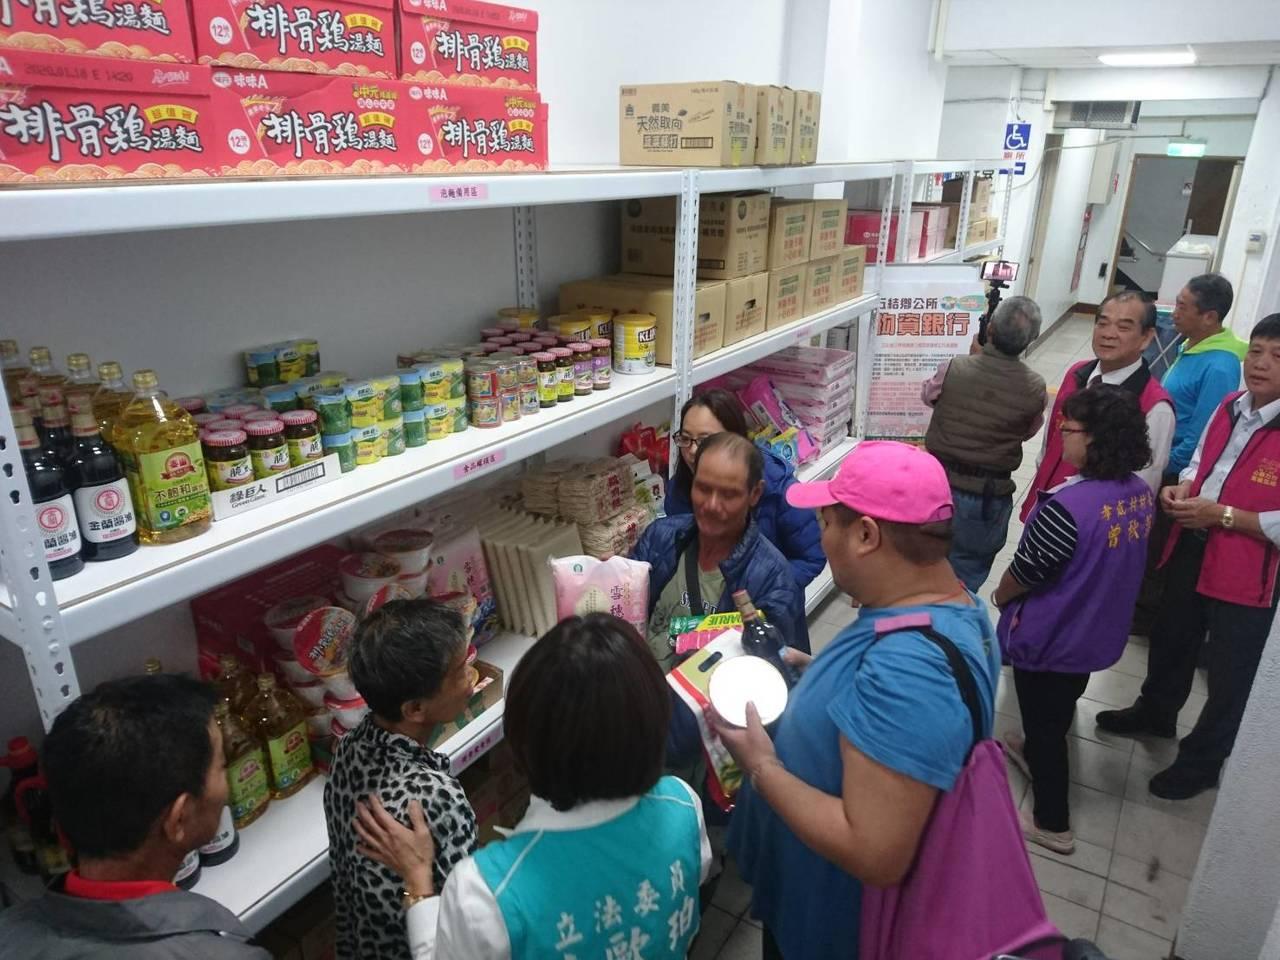 宜蘭縣五結鄉公所「物資銀行」今天開張了,有如公家開的小型超市,衛生紙、泡麵、油、...